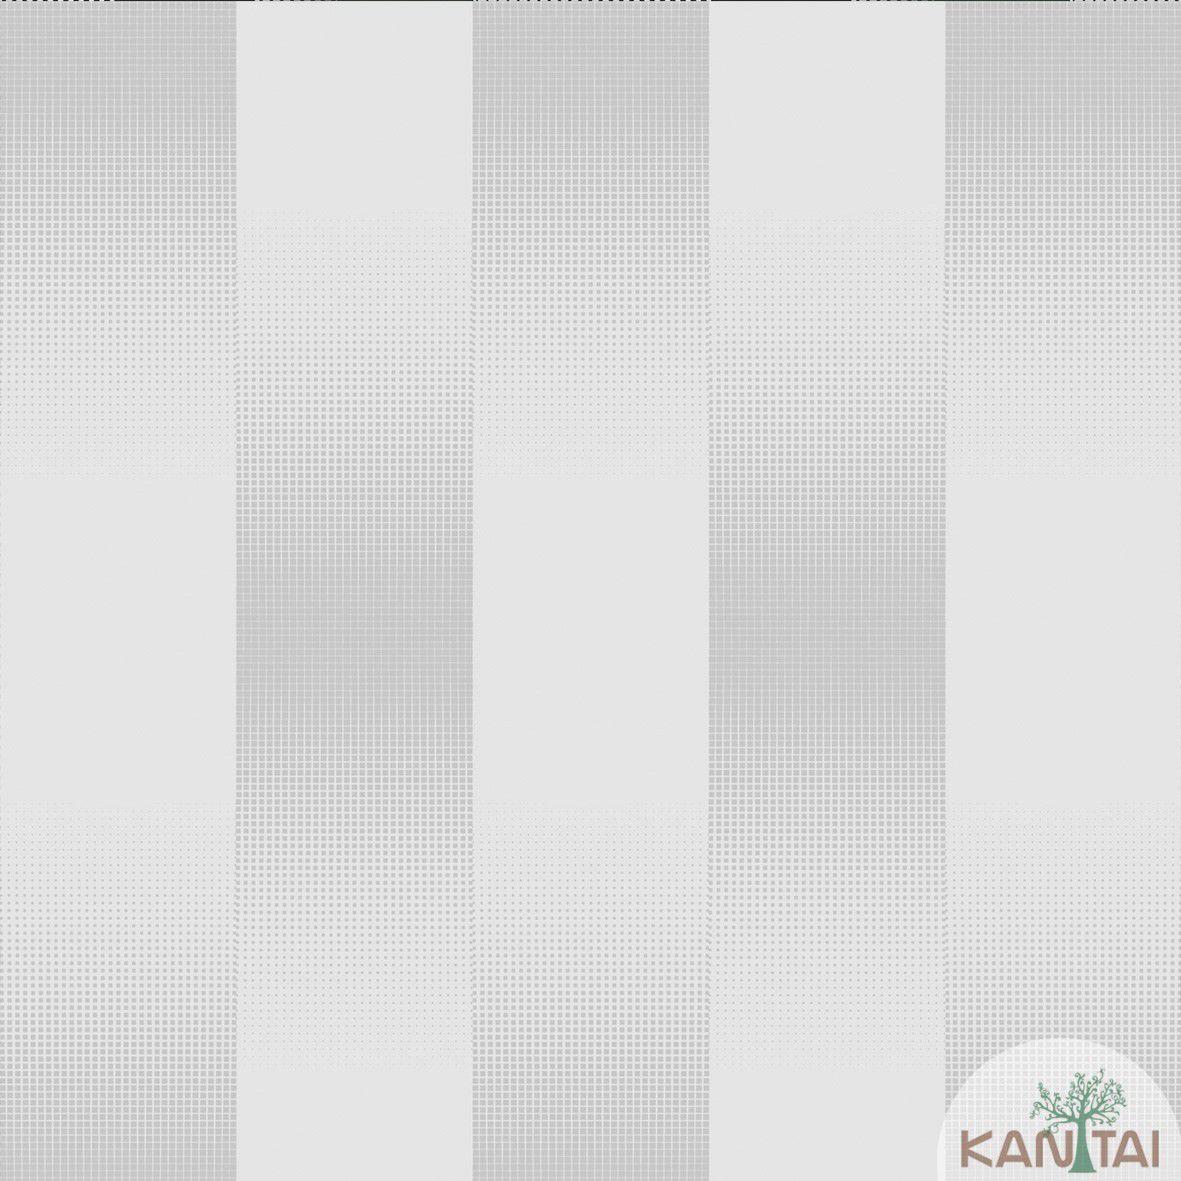 Papel de Parede   Kan Tai  Vinilico Coleção Neonature III Listrado Creme, Prata, Brilho